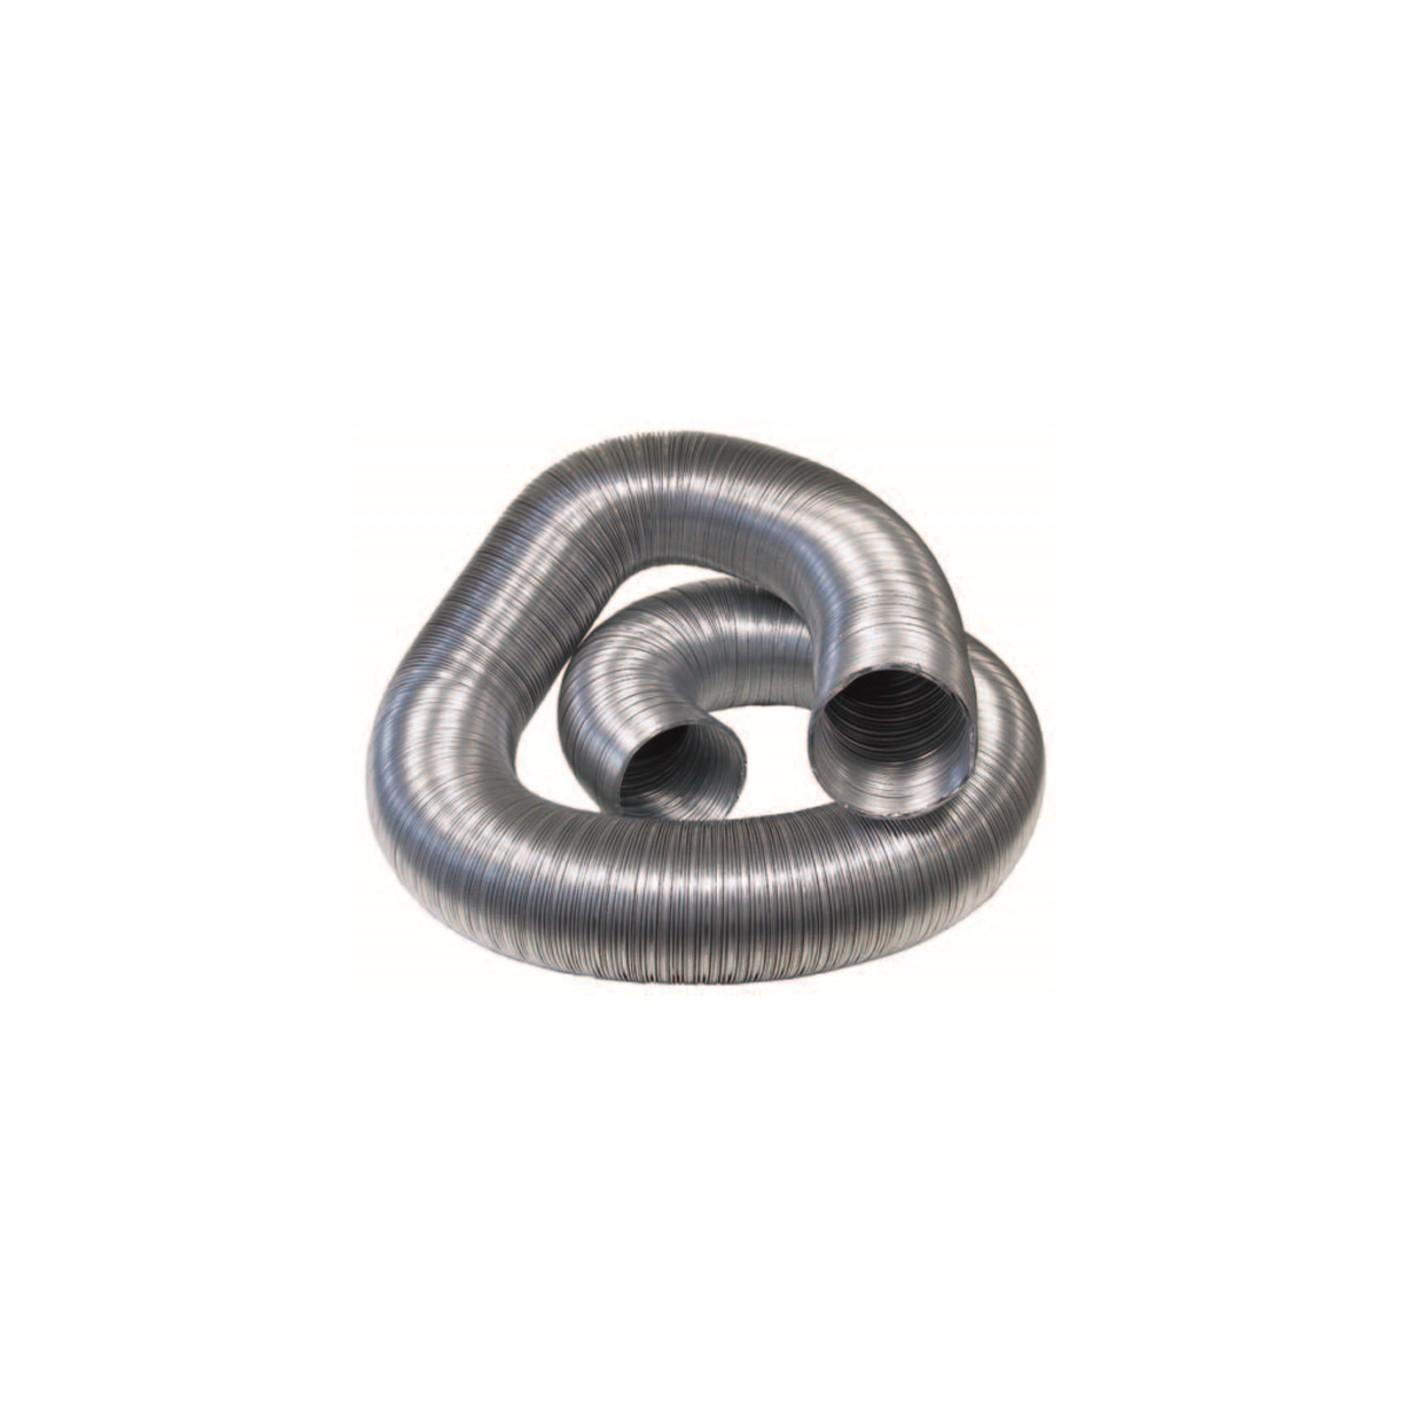 Tubo semiflexible de aluminio alg sistemas - Tubo flexible aluminio ...